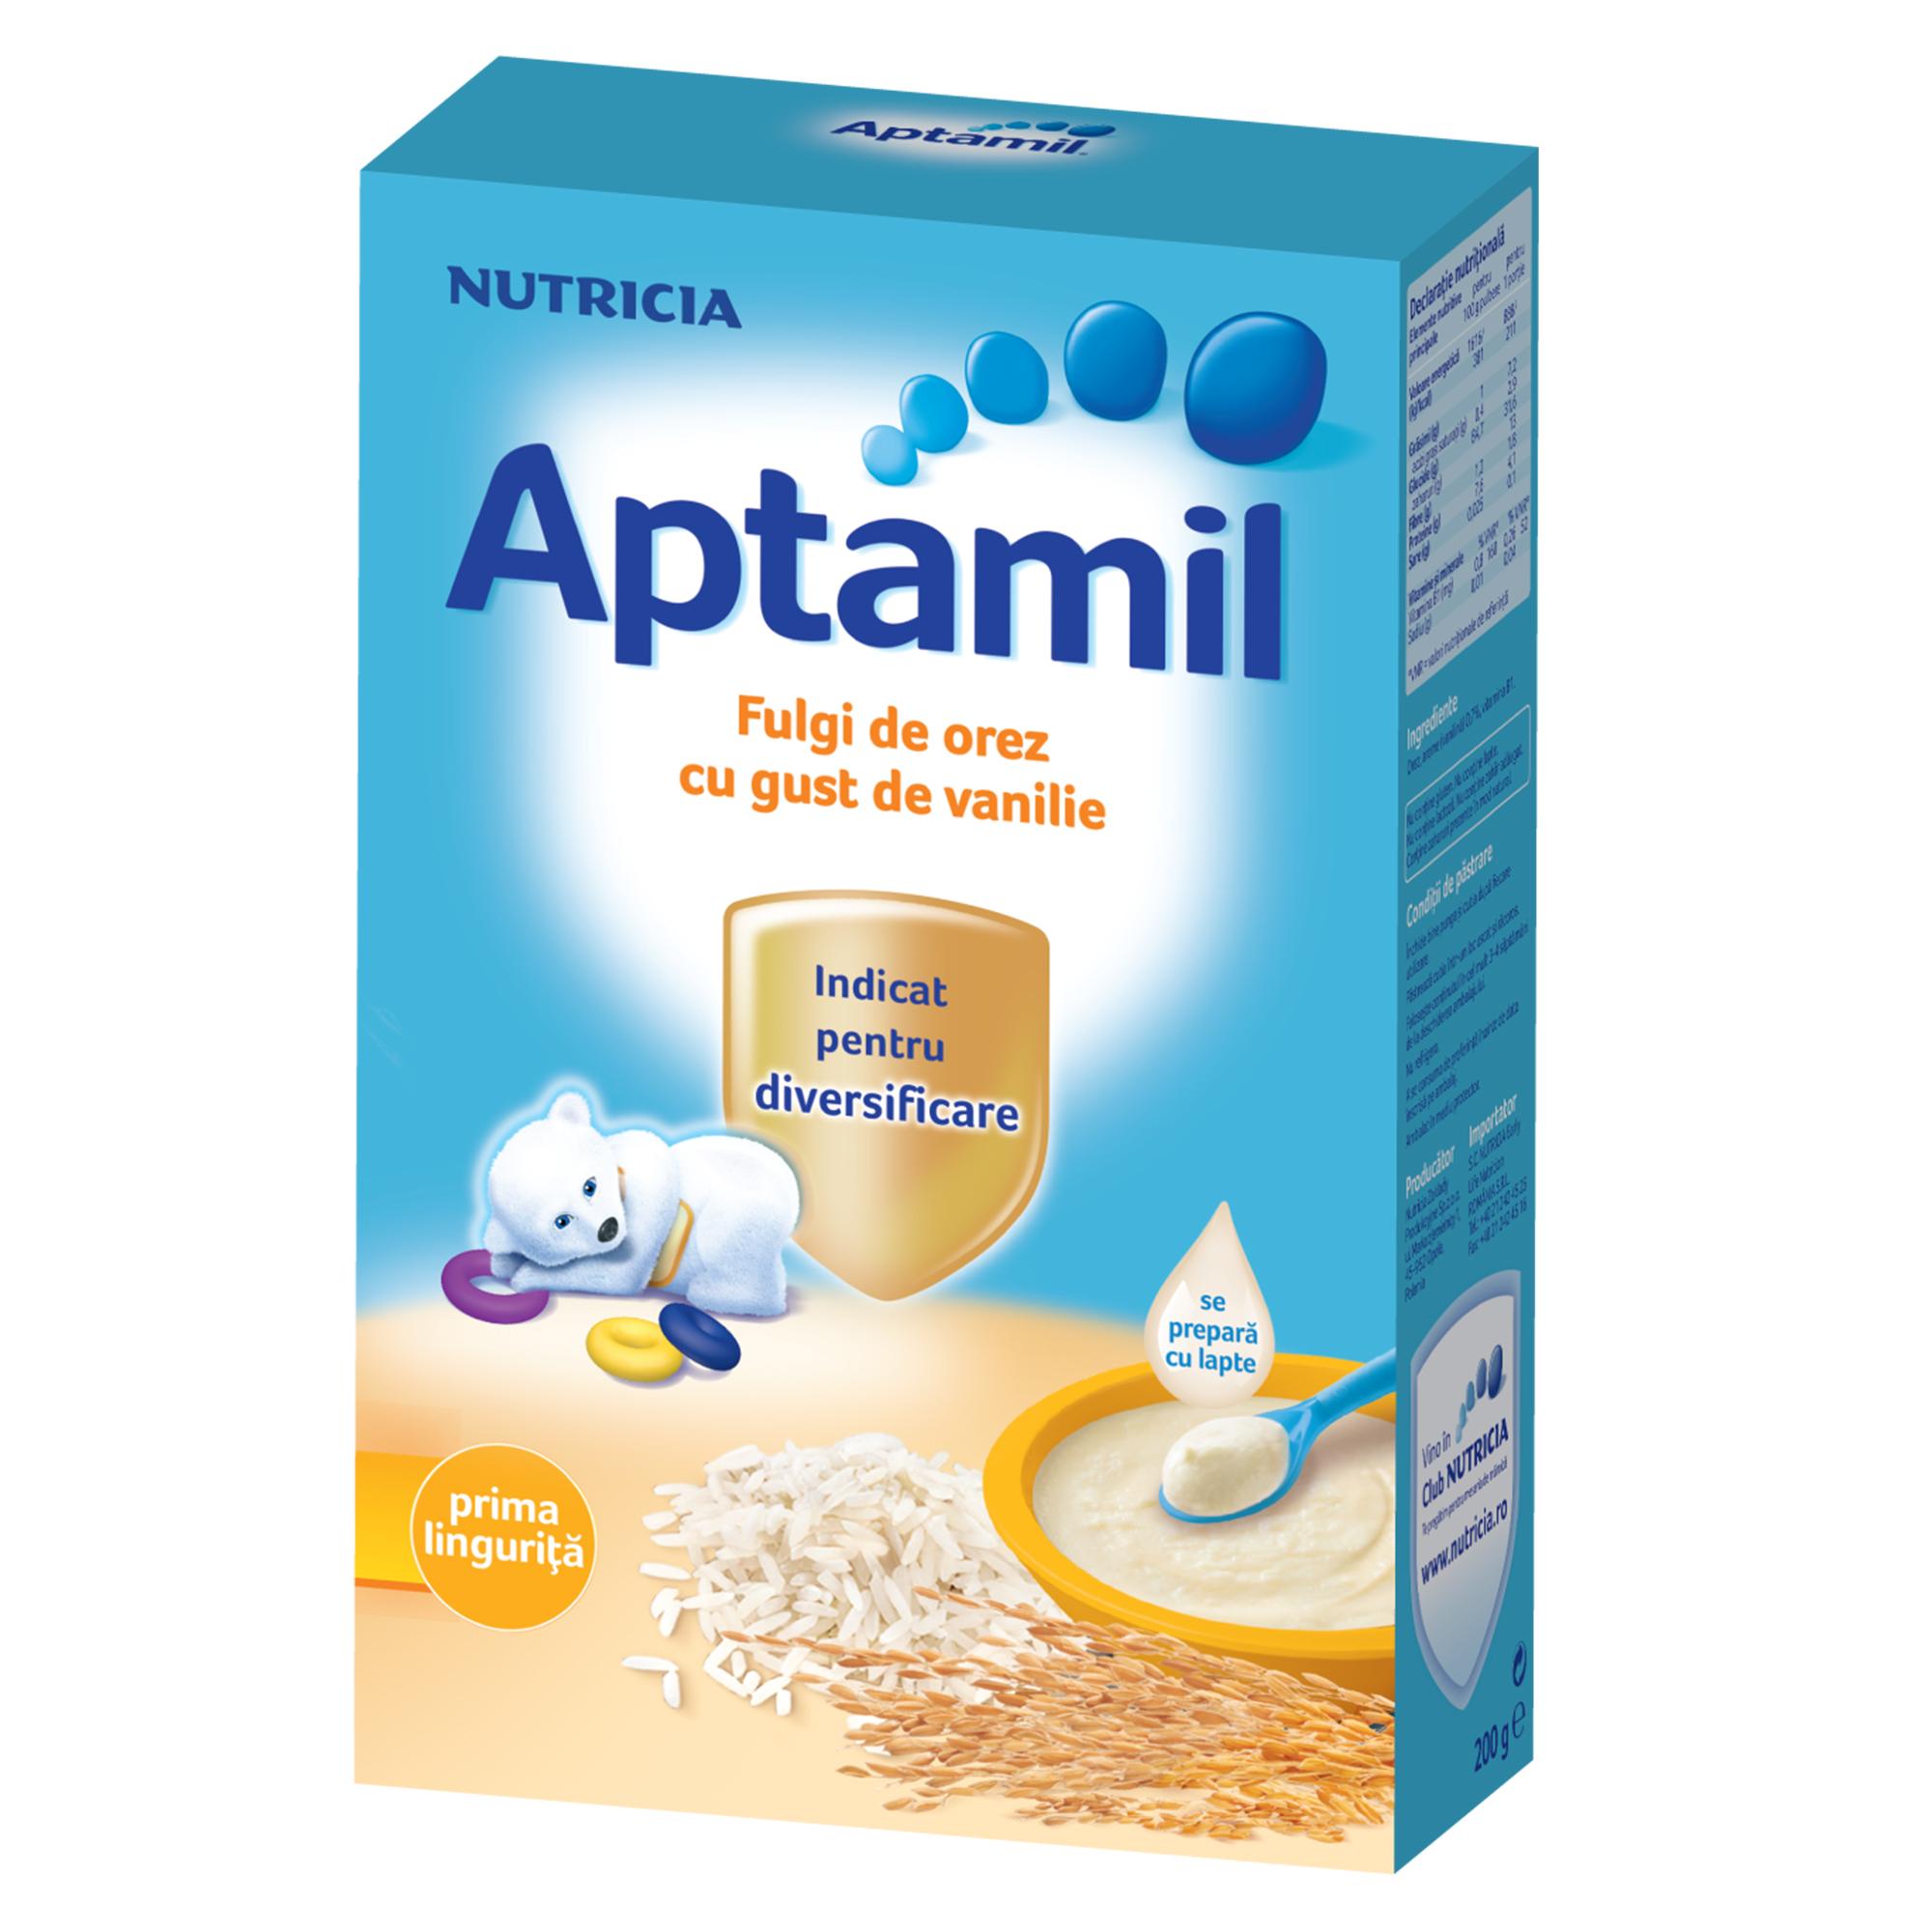 Cereale fara lapte Nutricia, Aptamil Fulgi de orez cu gust de vanilie, 200g, 4luni+